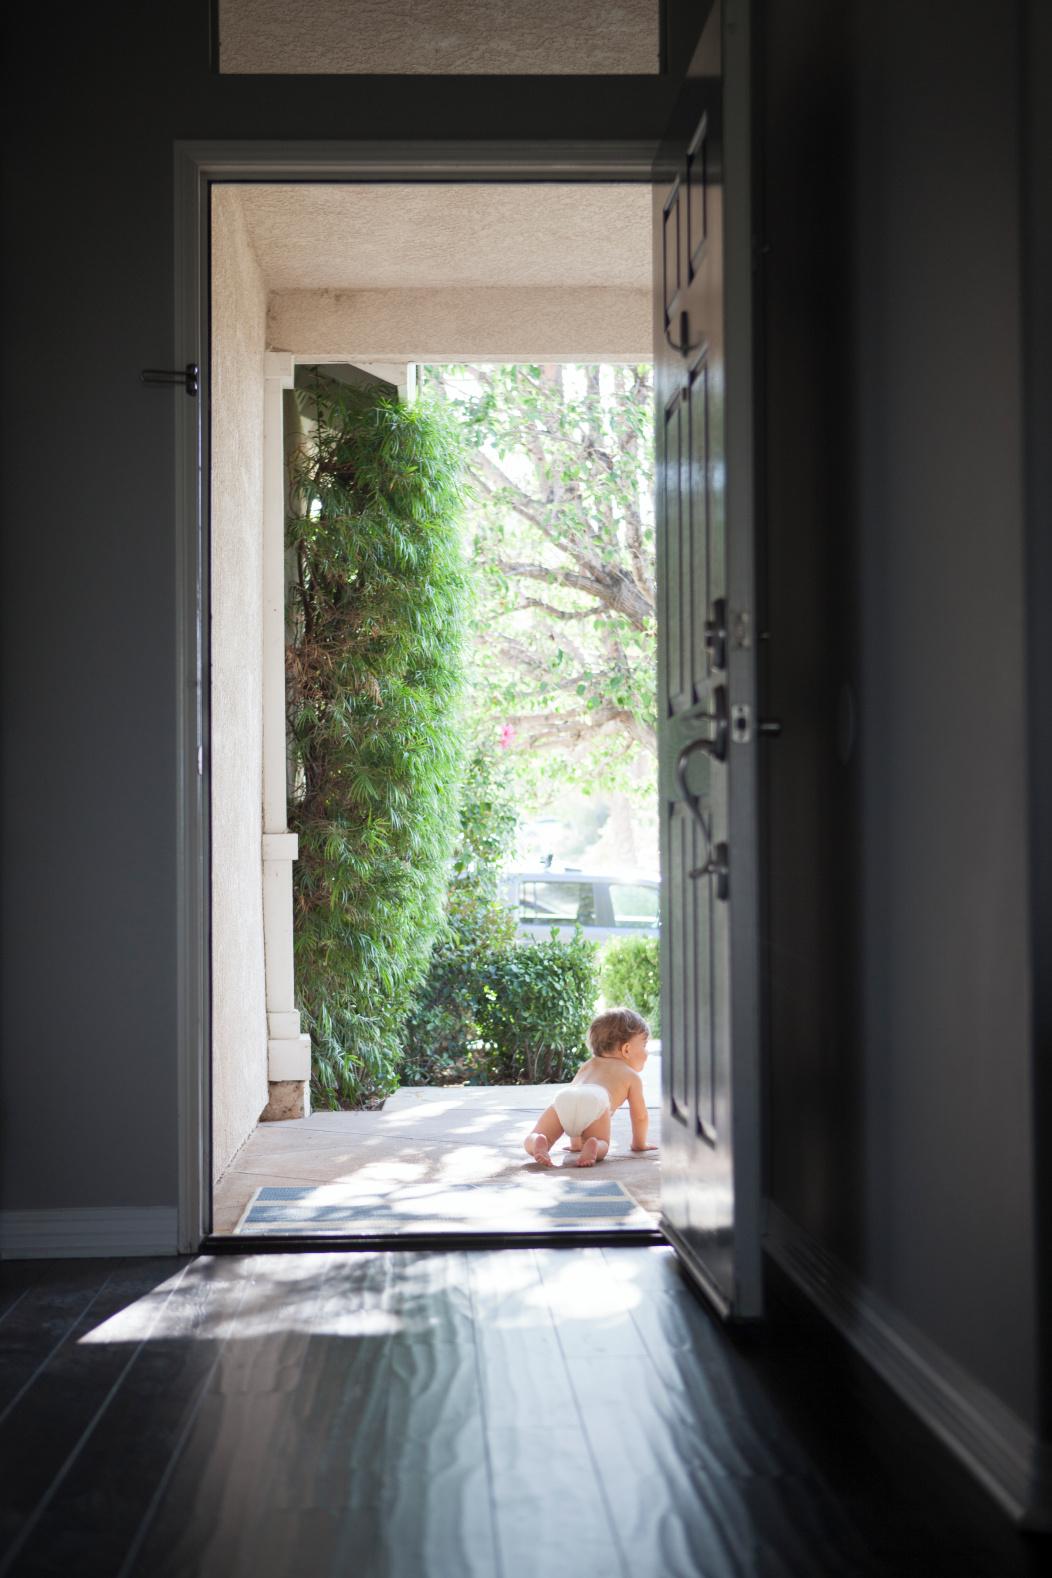 bebé gateando fuera de casa